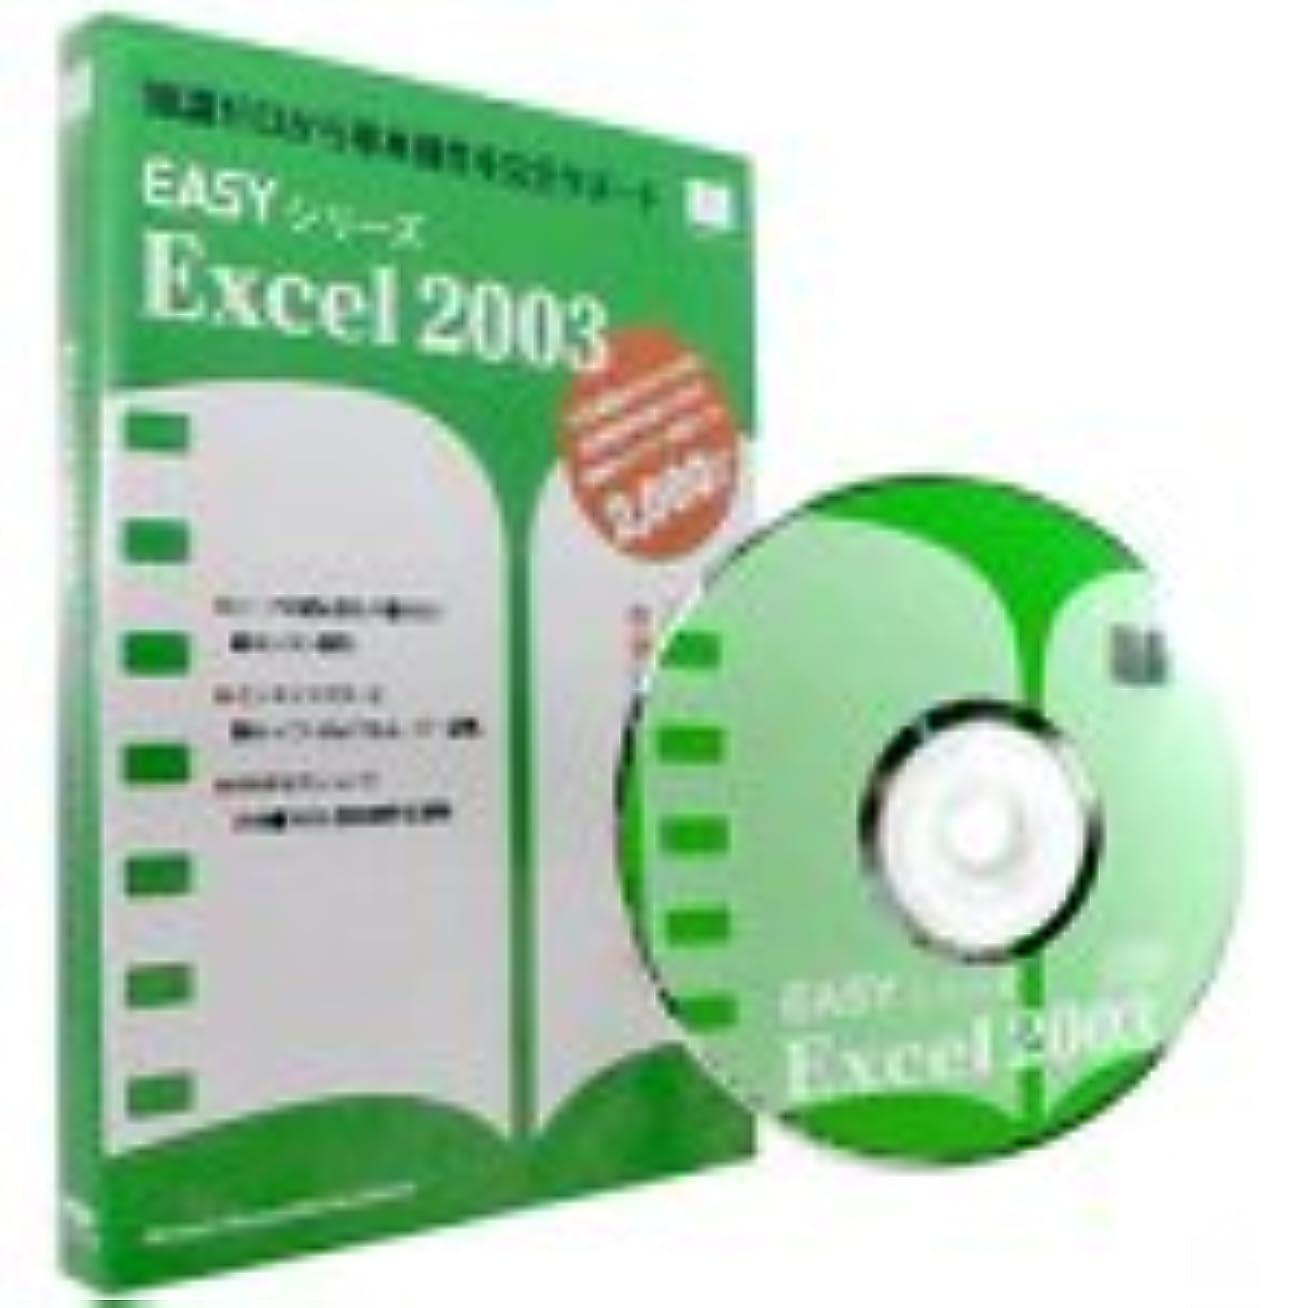 デマンドボイド承認するEasyシリーズ Excel2003 (スリムパッケージ版)